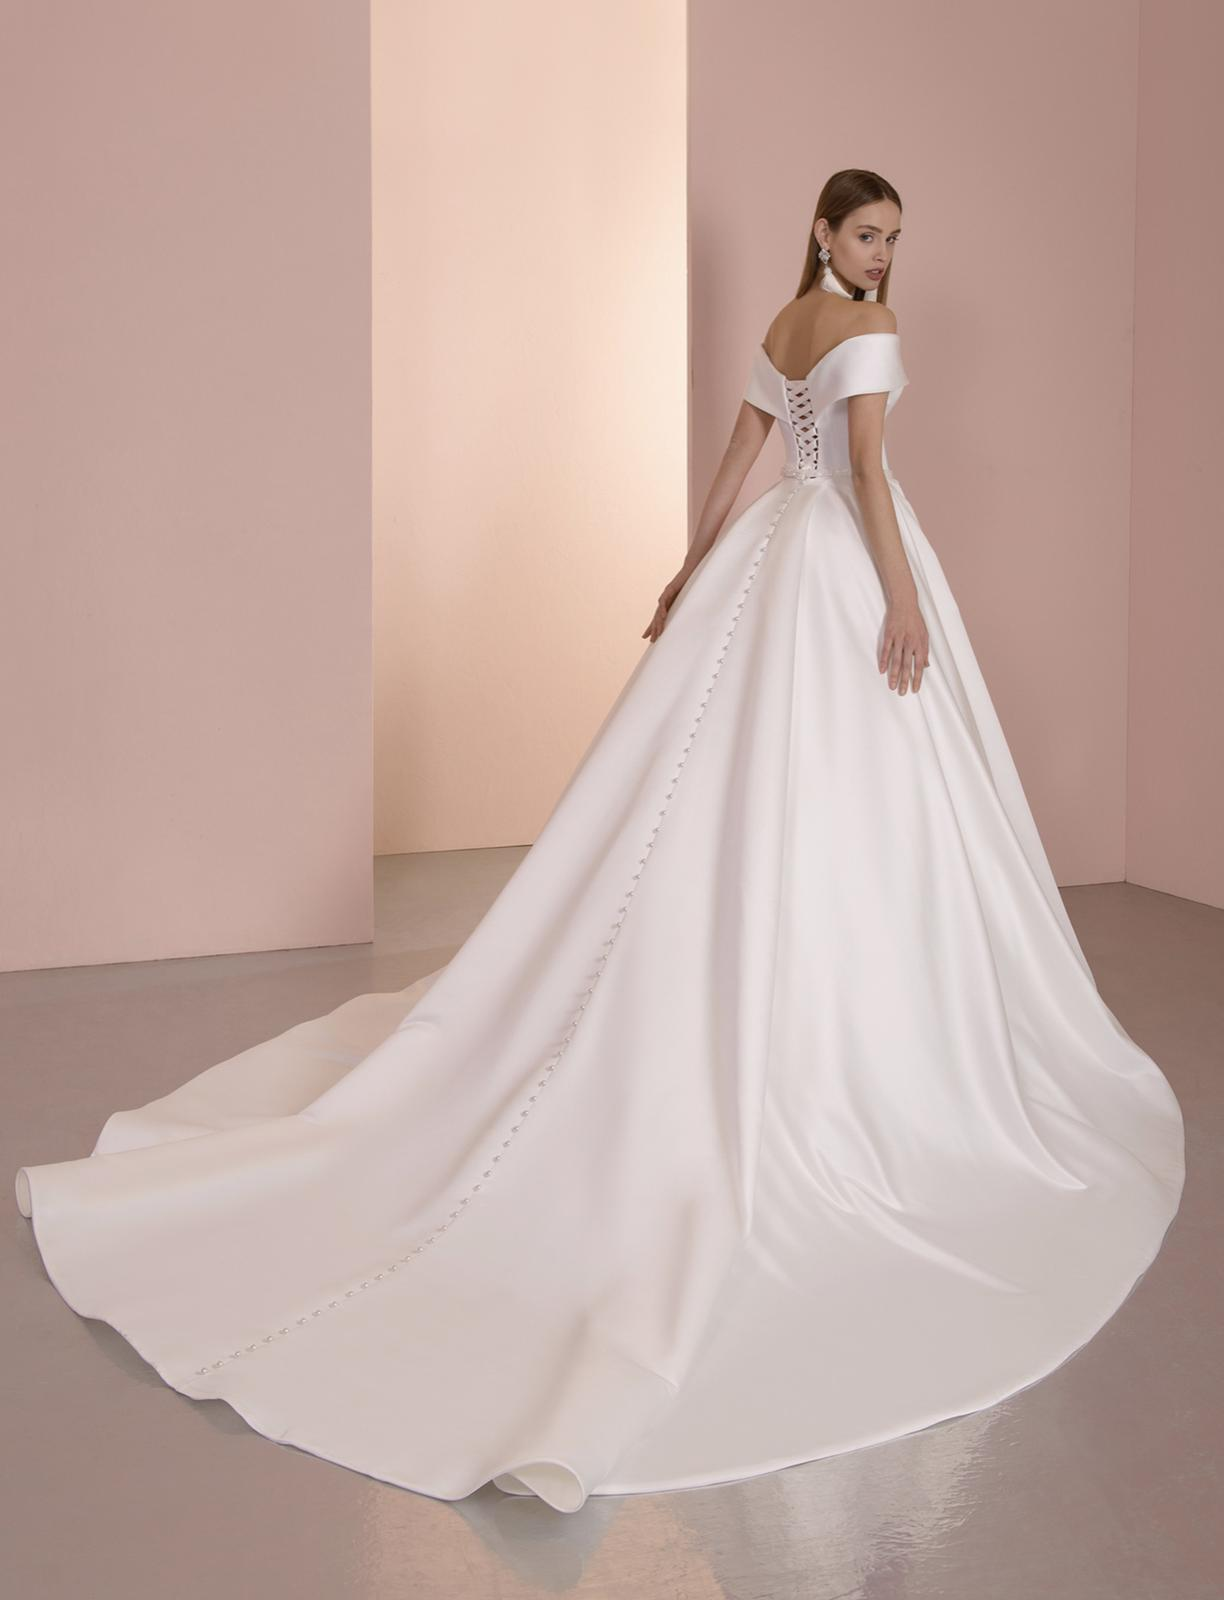 Krásne svadobné šaty - Obrázok č. 2